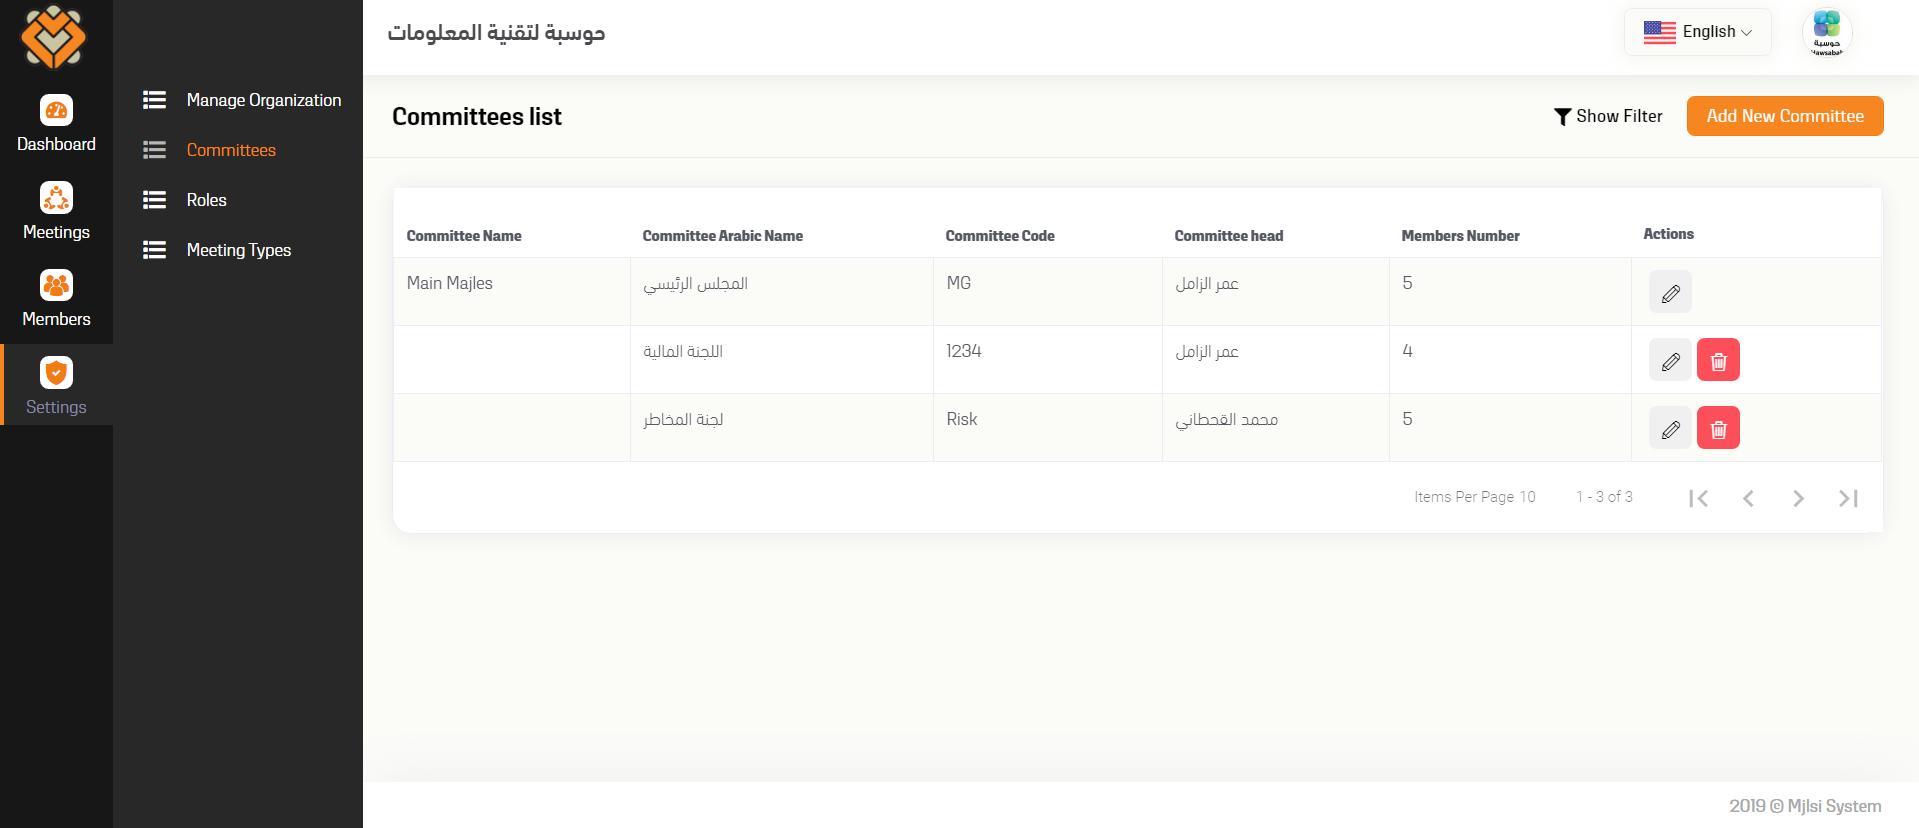 Mjlsi committee list screenshot